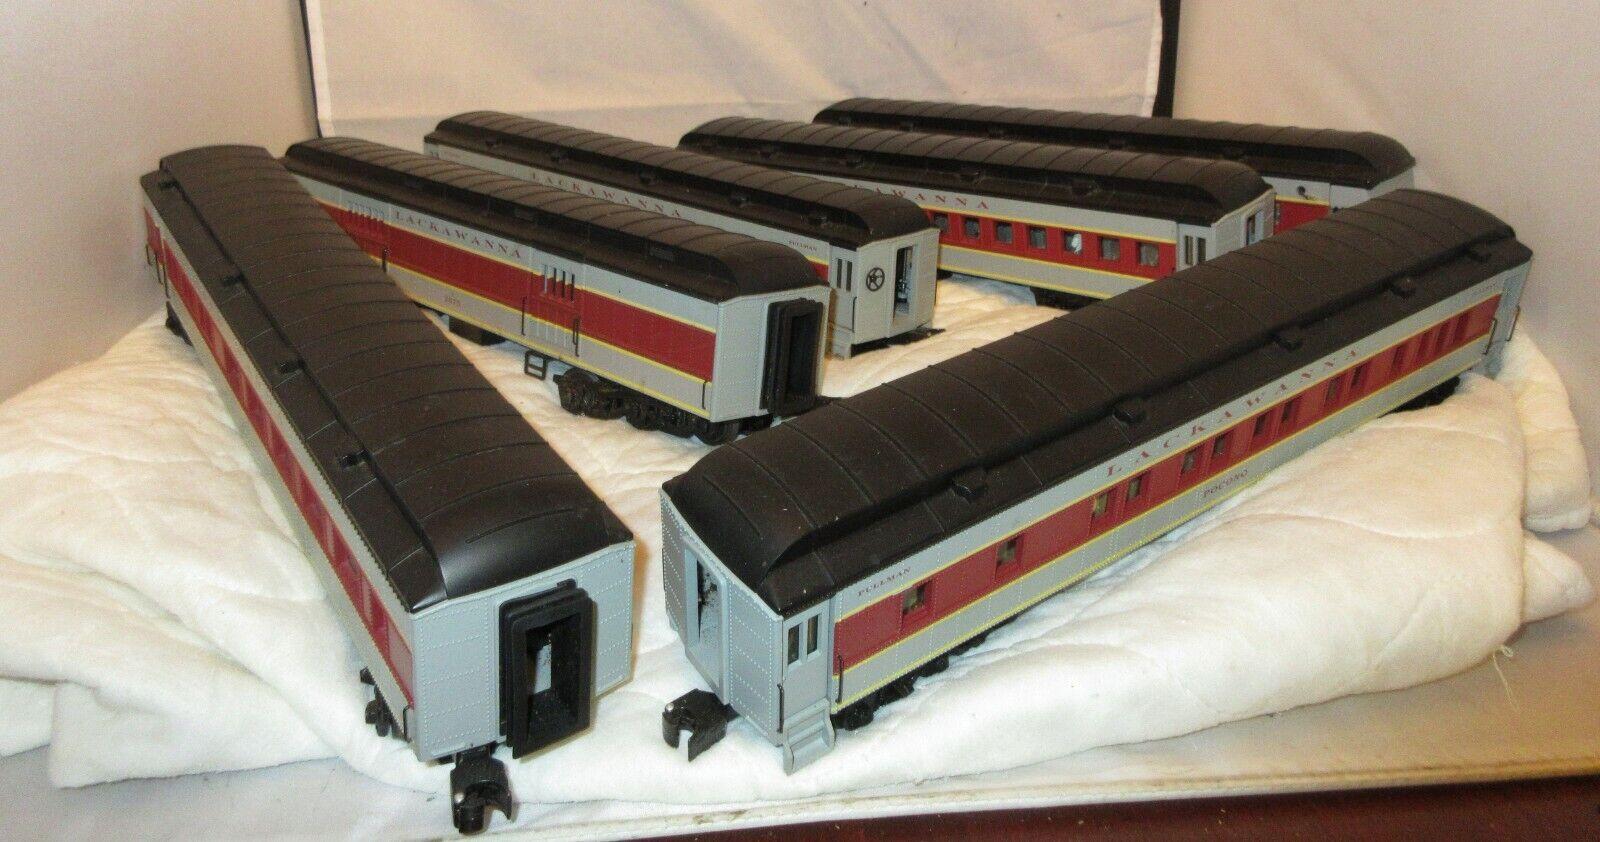 K-Line Lackawanna o calibre 6-Car Conjunto De Coche pasajeros de peso pesado